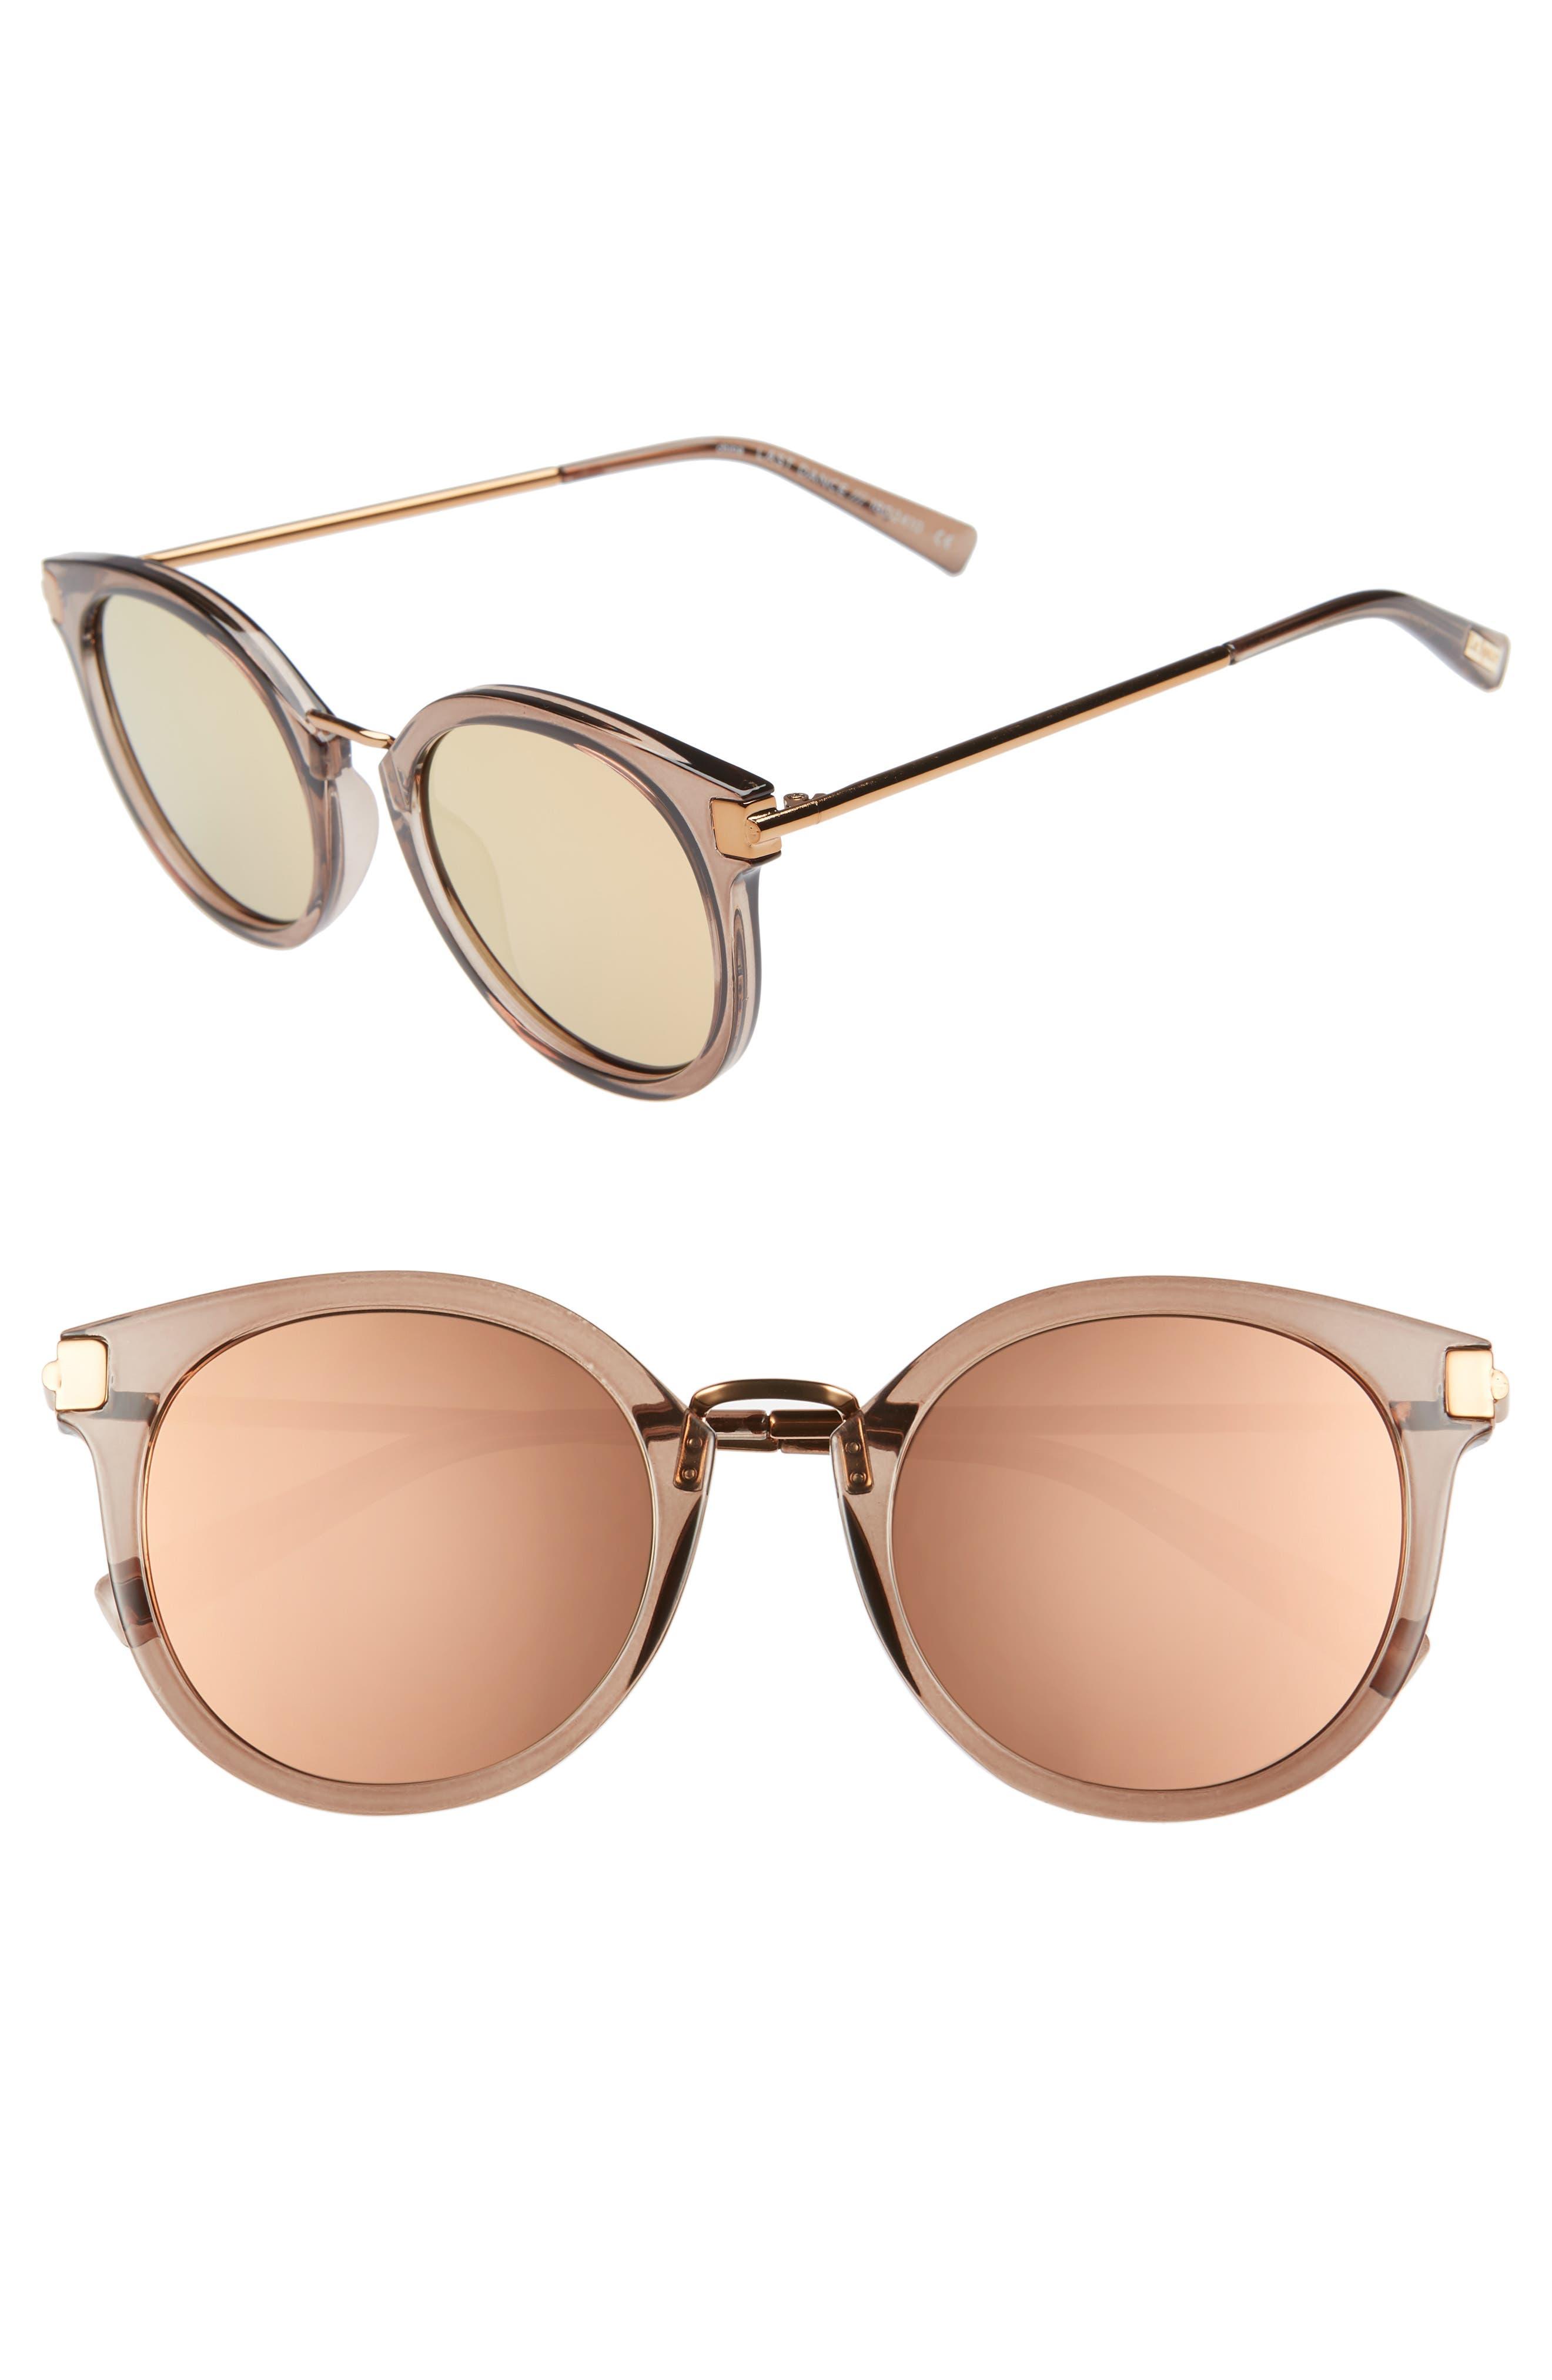 Le Specs Last Dance 51Mm Mirrored Round Sunglasses - Mocha